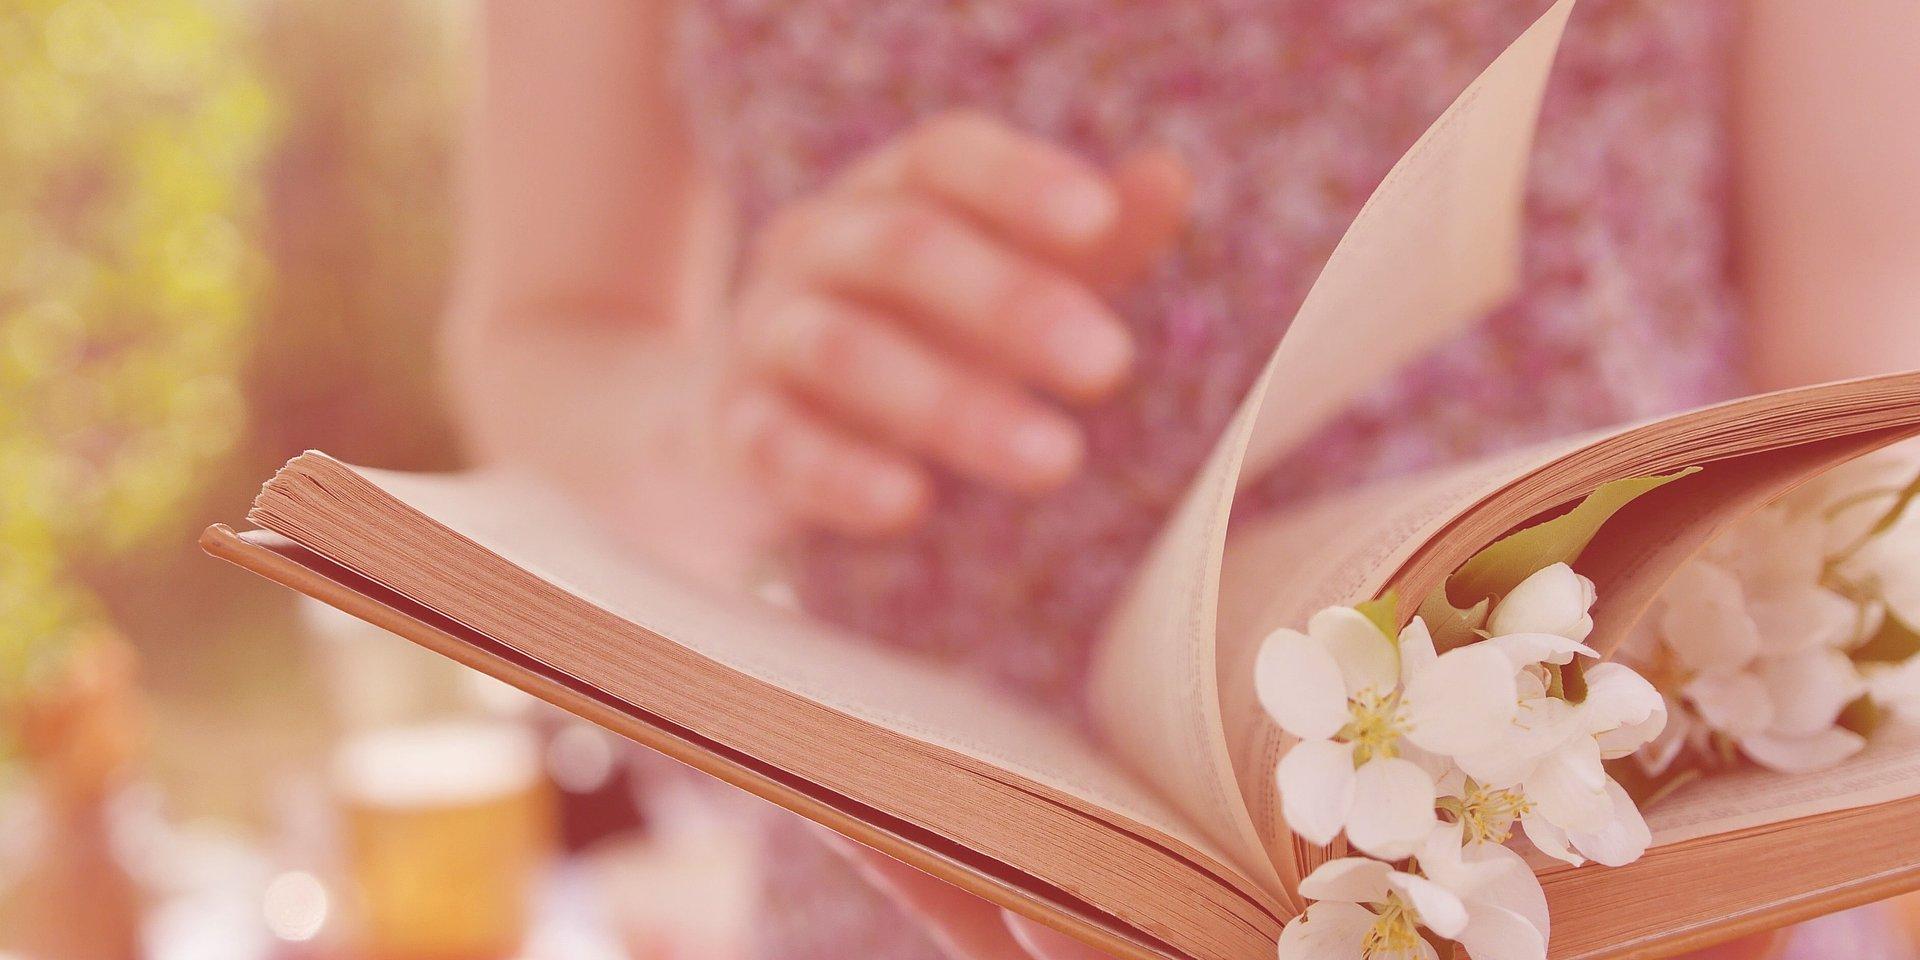 """""""Czuła przewodniczka"""" największym książkowym hitem wiosny. Tytuł już trzeci miesiąc pozostaje na szczycie listy bestsellerów"""